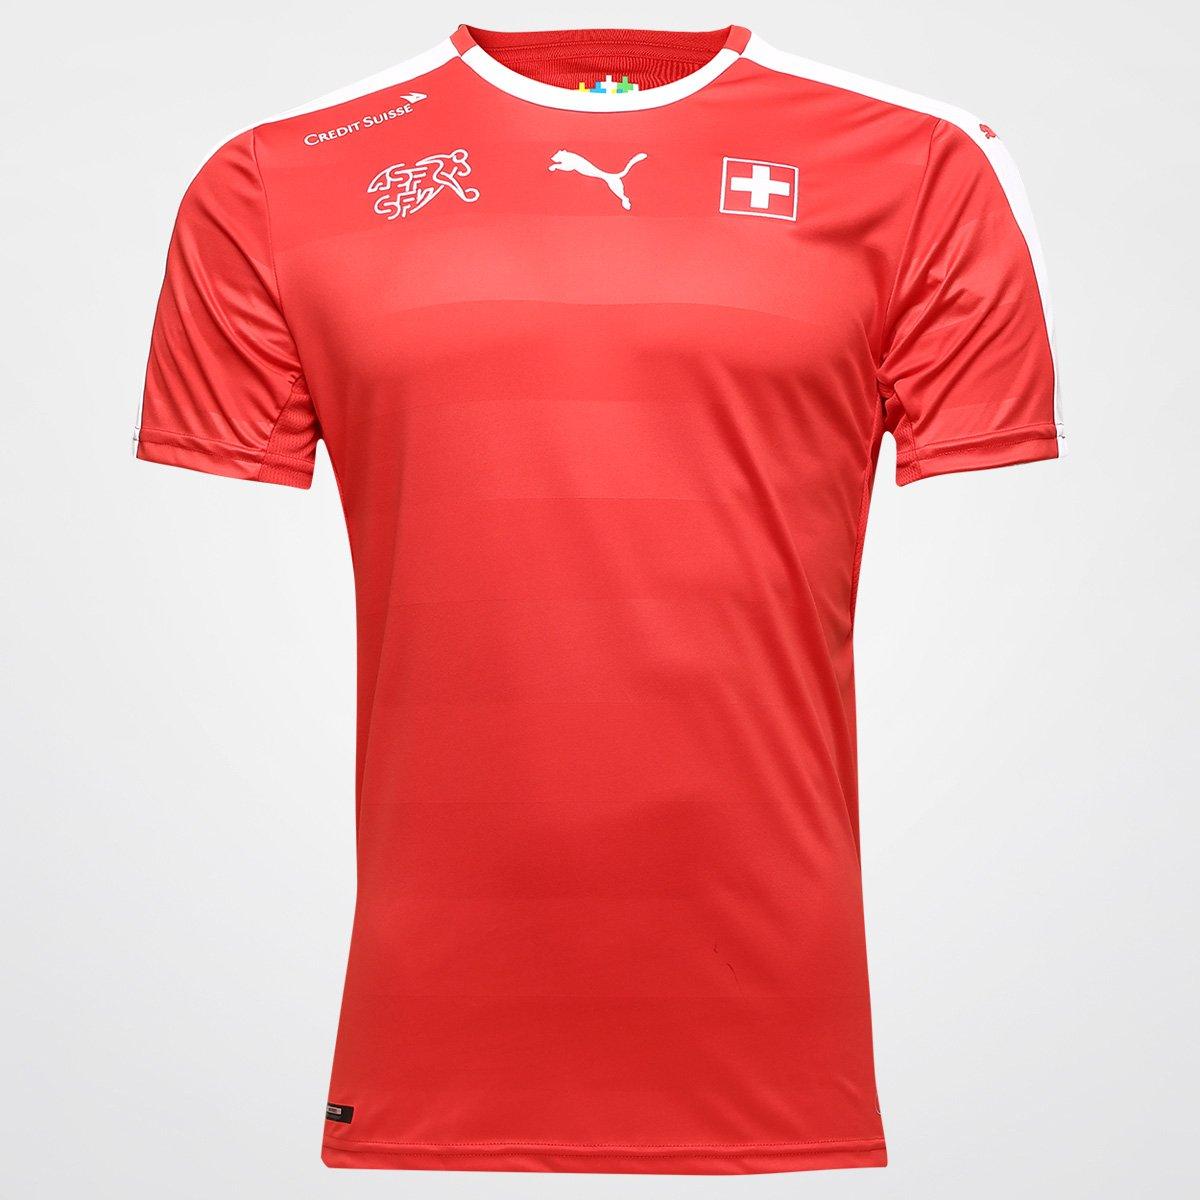 Camisa Seleção Suiça Home 2016 s nº Torcedor Puma Masculina - Compre Agora   3075d829d8597